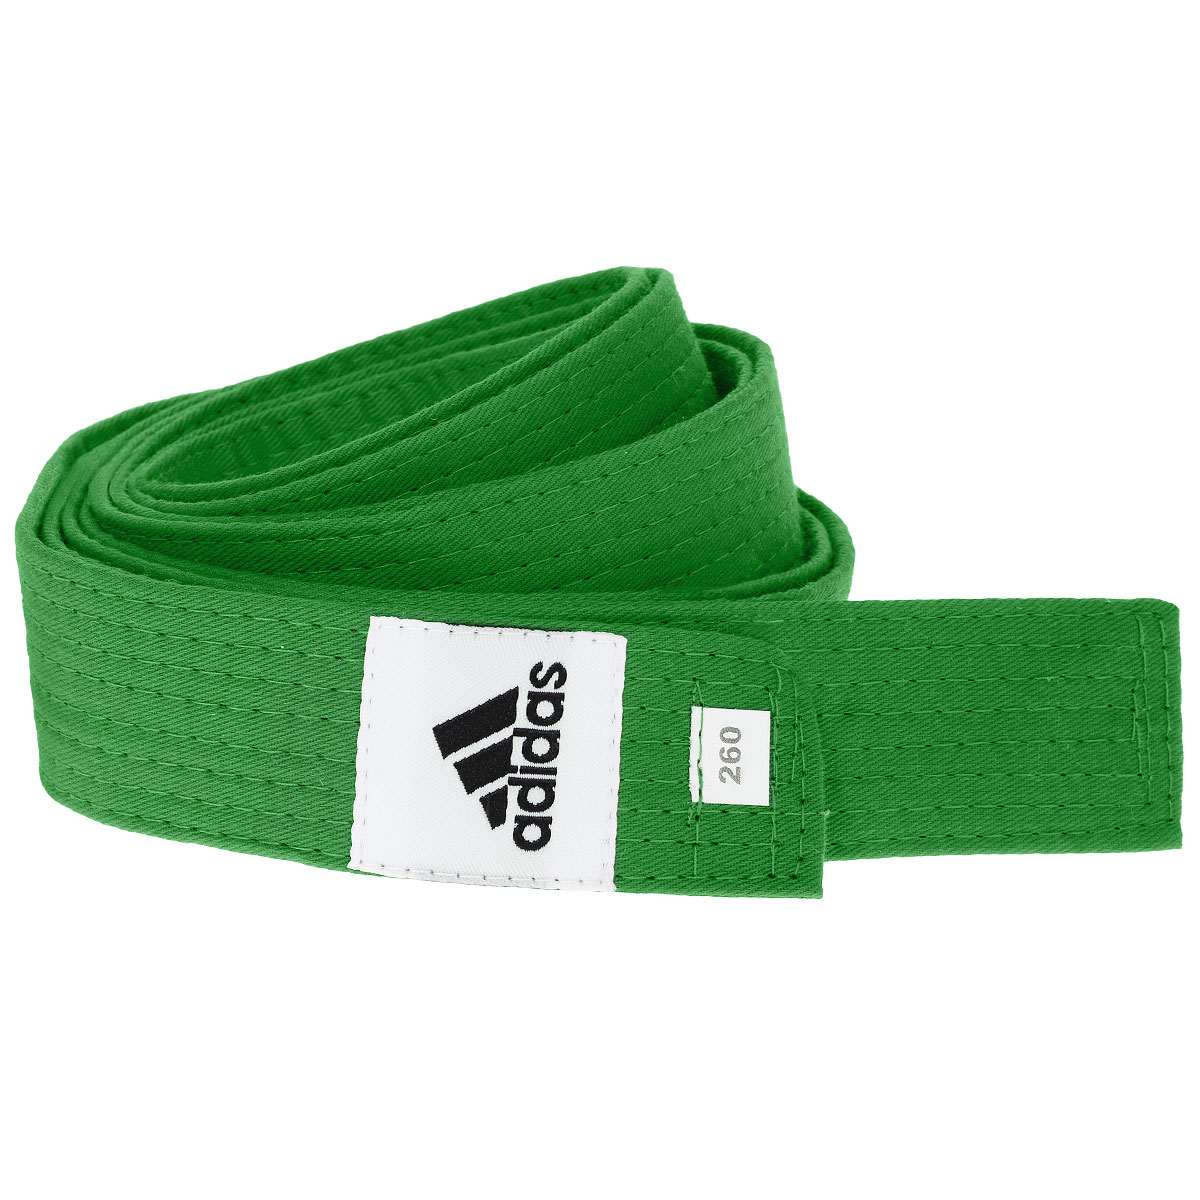 Пояс для единоборств adidas Club, цвет: зеленый. adiB220. Длина 300 смadiB220Пояс для единоборств adidas Club - универсальный пояс для кимоно. Пояс выполнен из плотного хлопкового материала с прострочкой.Такой пояс - необходимый аксессуар для тех, кто занимается боевыми искусствами.